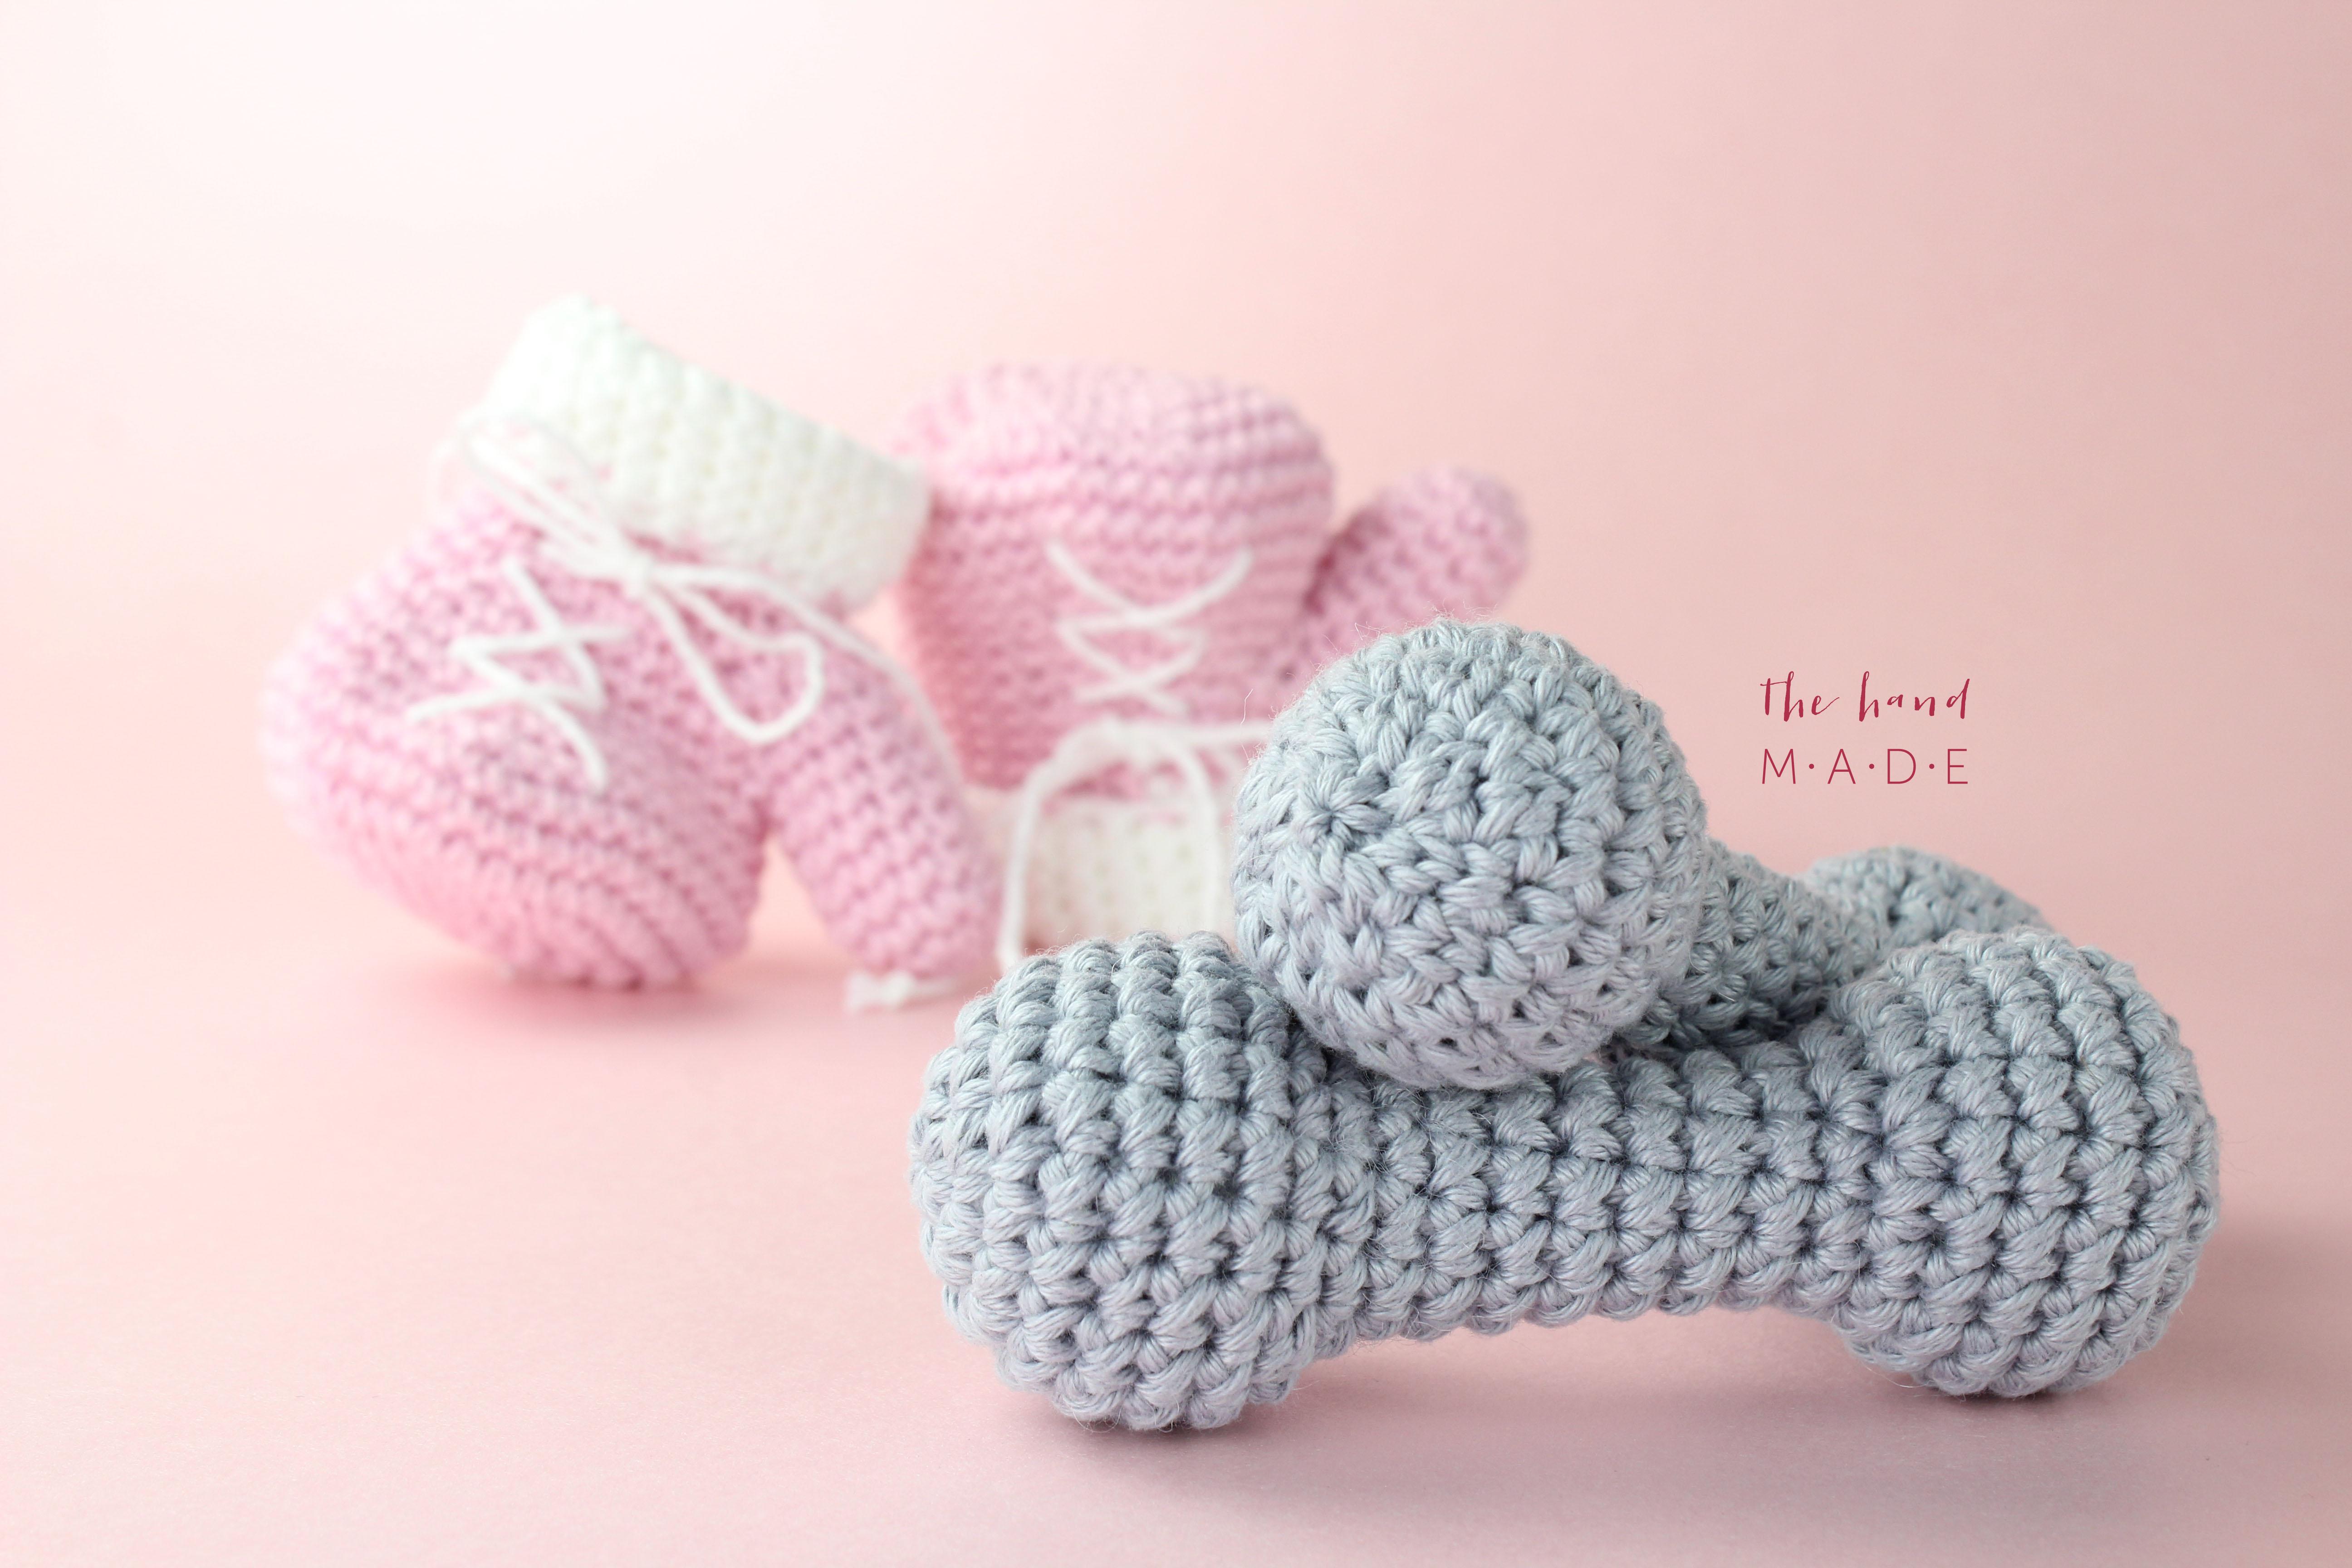 Crochet Smurf amigurumi pattern | Bonecas de crochê, Bonecas de ... | 3456x5184